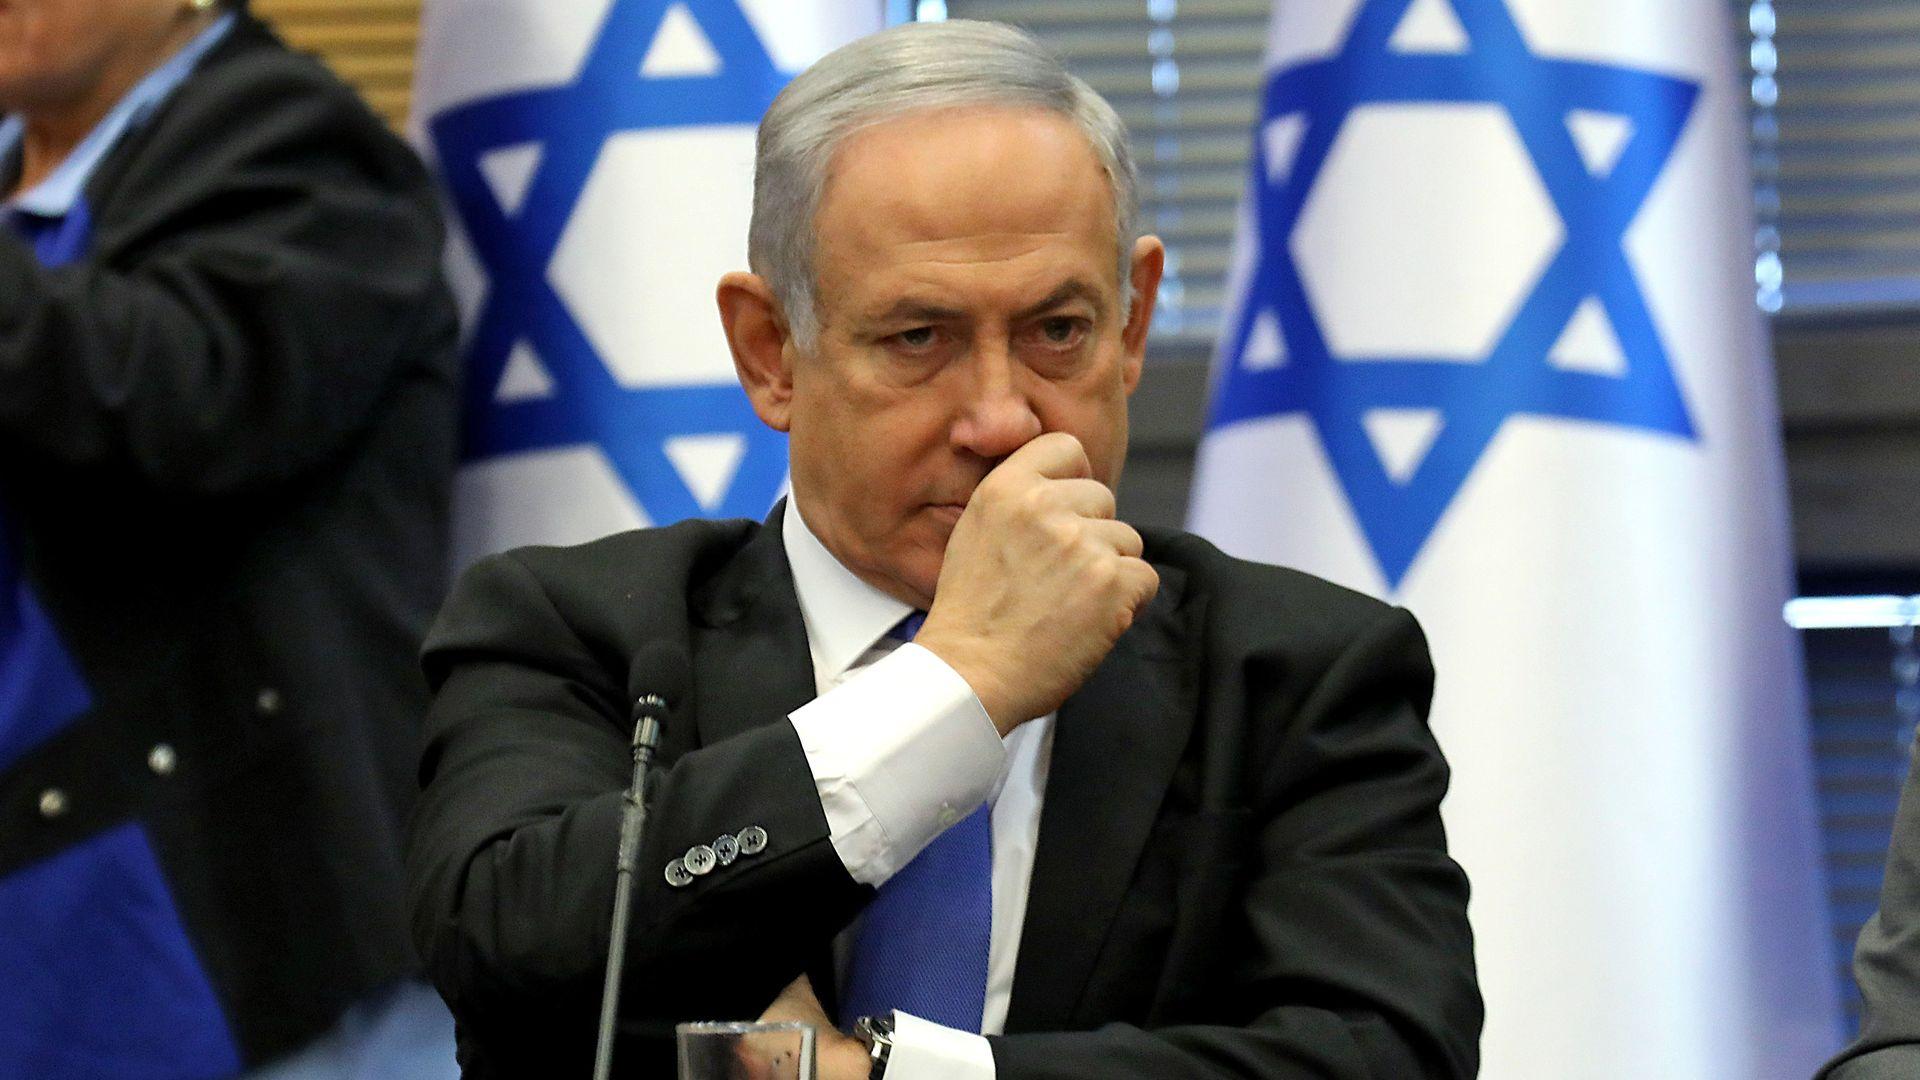 Benjamin Netanyahu's bad day